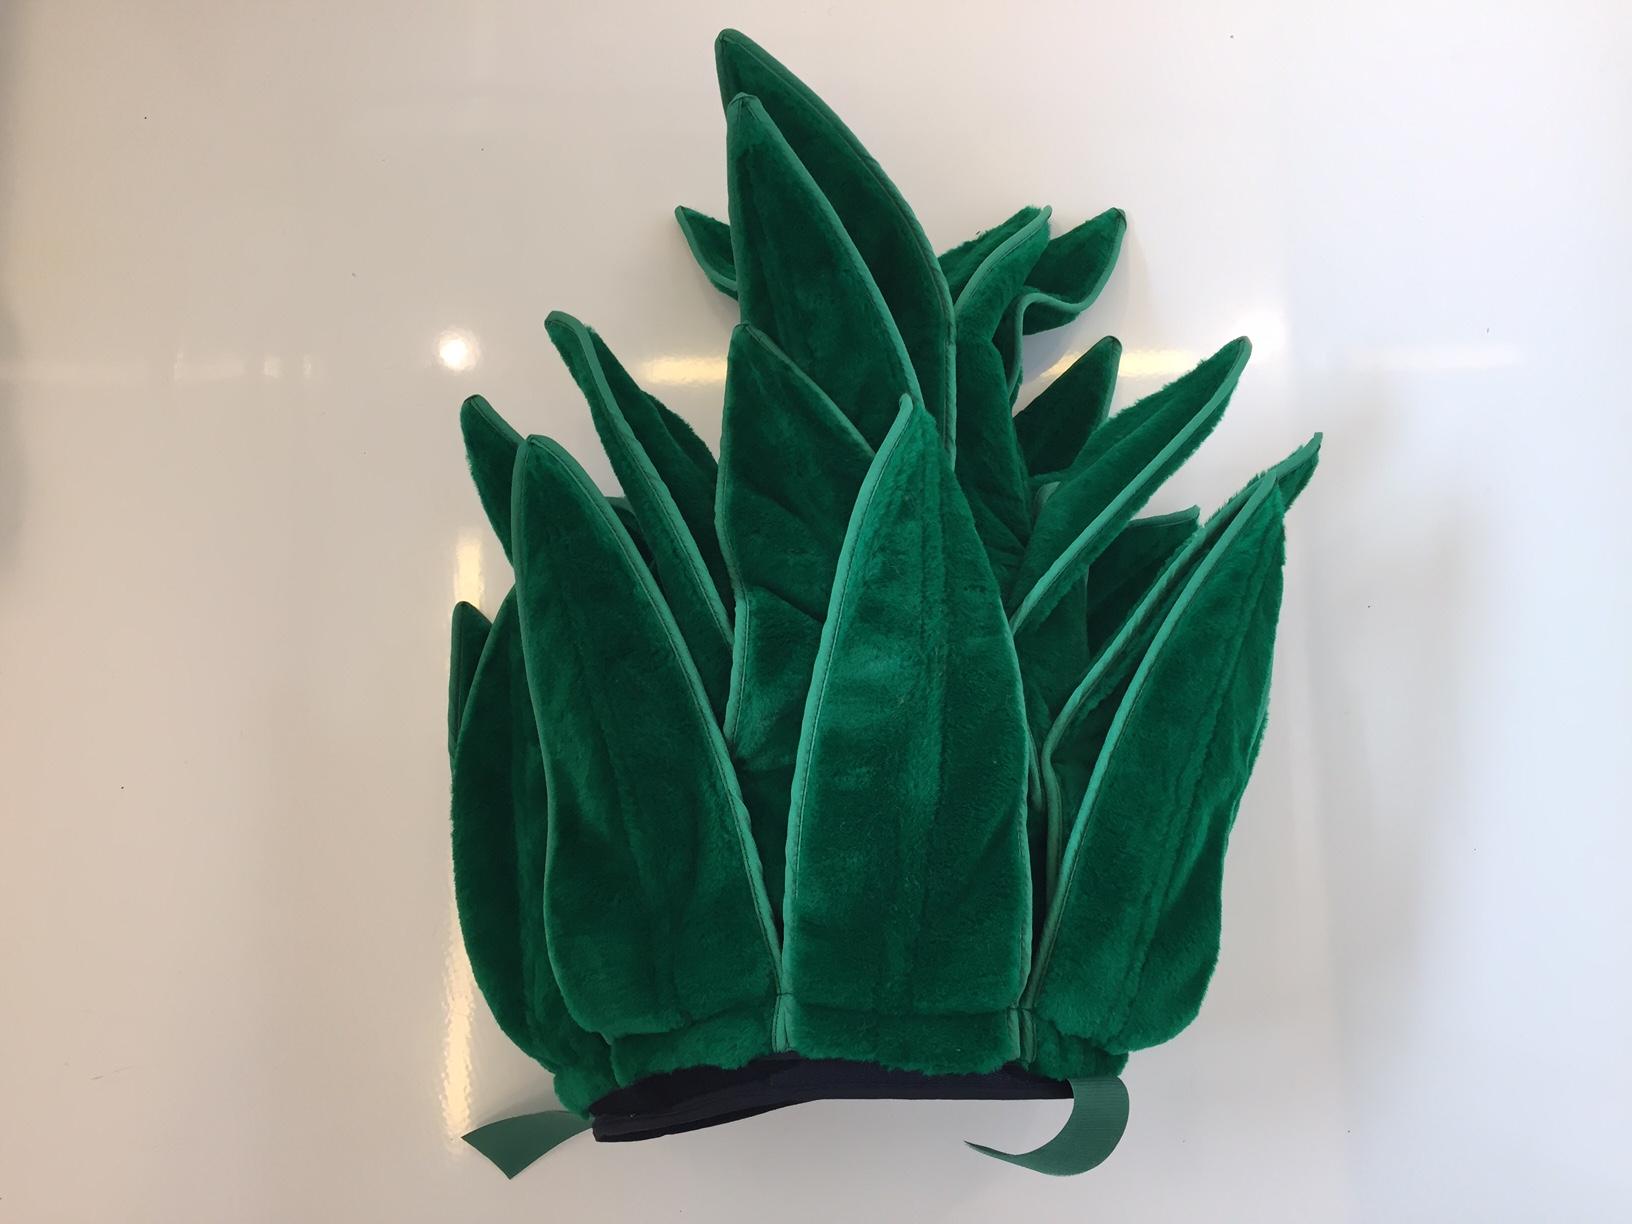 ananas kostueme maskottchen kost m herstellung individuell oder aus einem kost mshop. Black Bedroom Furniture Sets. Home Design Ideas